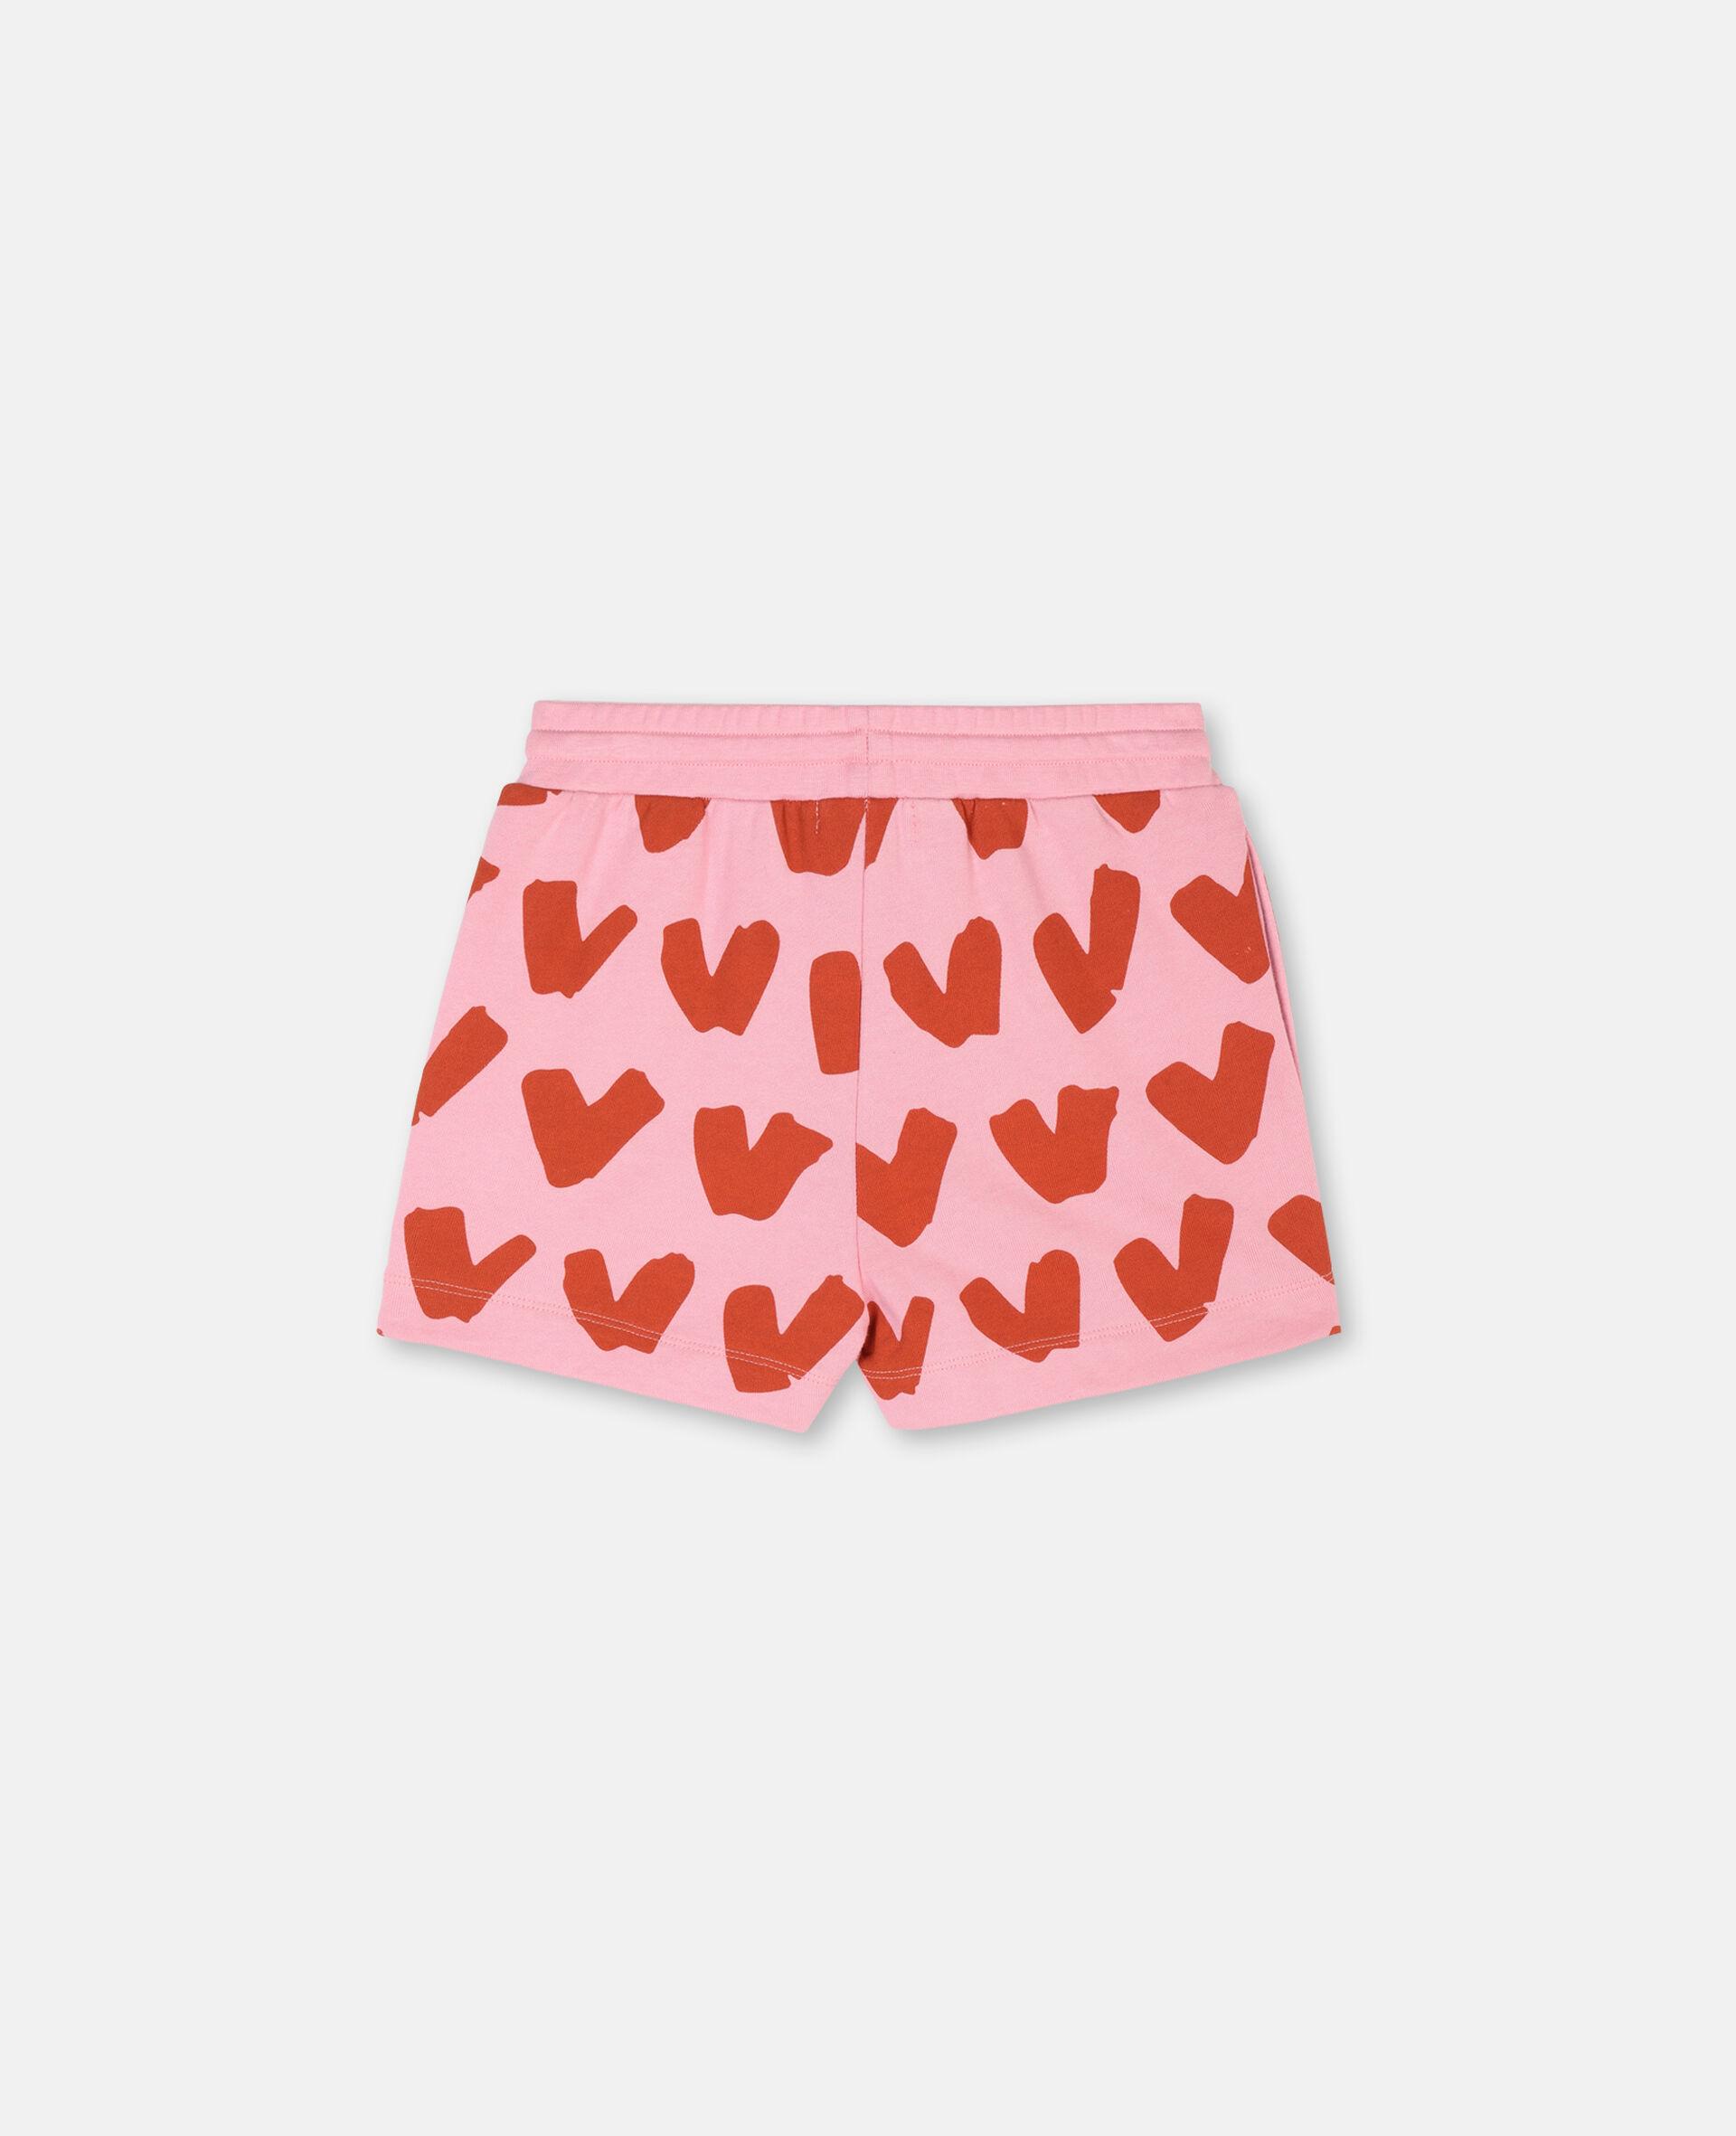 Baumwollfleece-Shorts mit Herzen-Rose-large image number 3